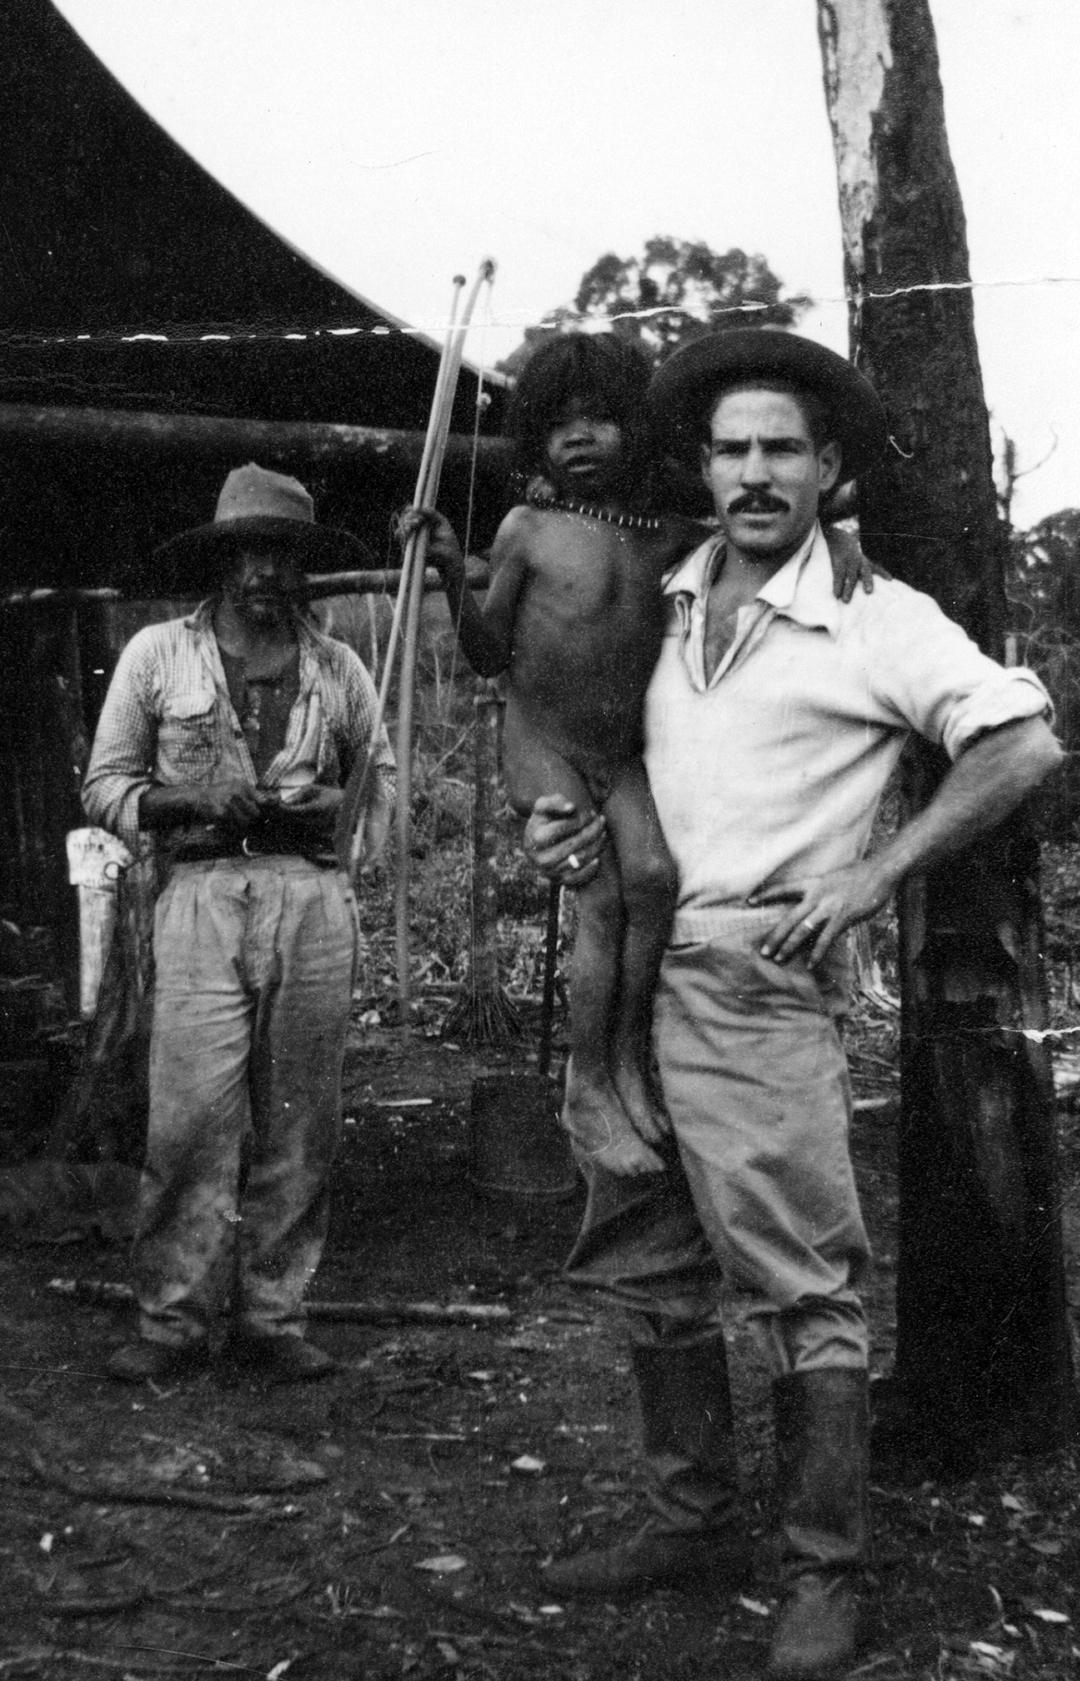 Kaiuá, 1º menino capturado em 1952 por agrimensores que faziam medição das terras na Serra dos Dourados